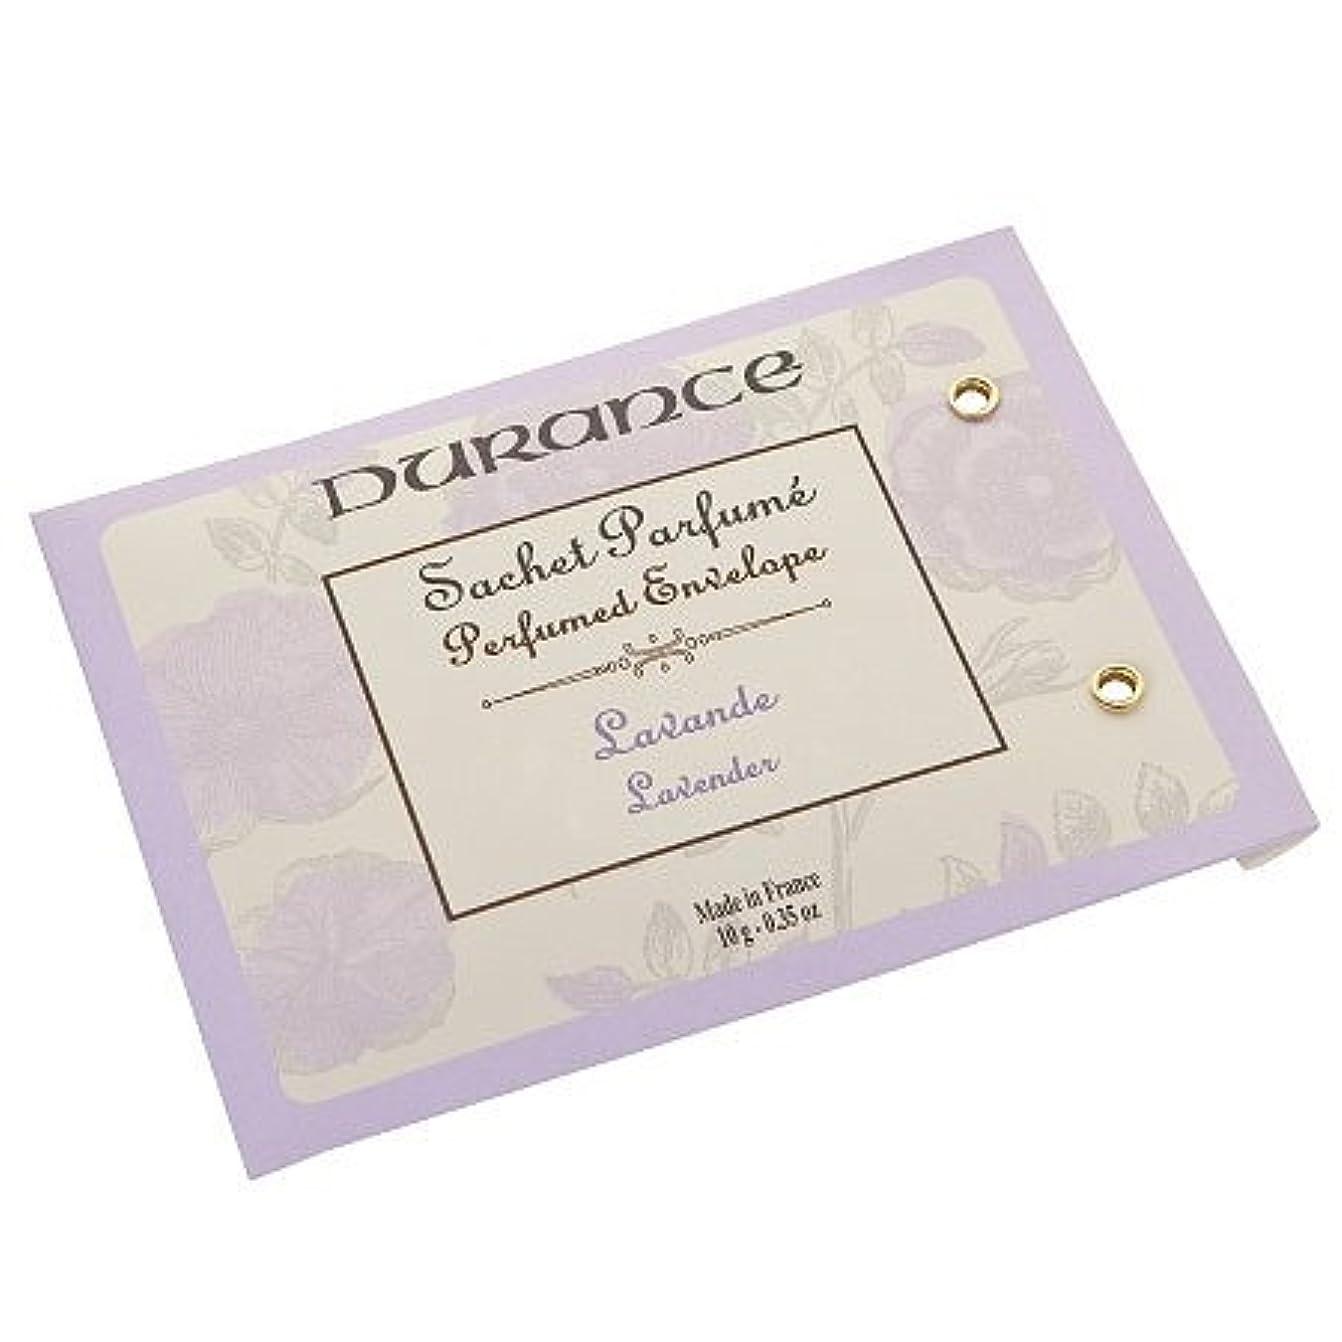 農学ジョイント世代デュランス Durance エンベロープ Scent envelopes 香り袋 匂い袋 サシェ (ラベンダー47505) [並行輸入品]